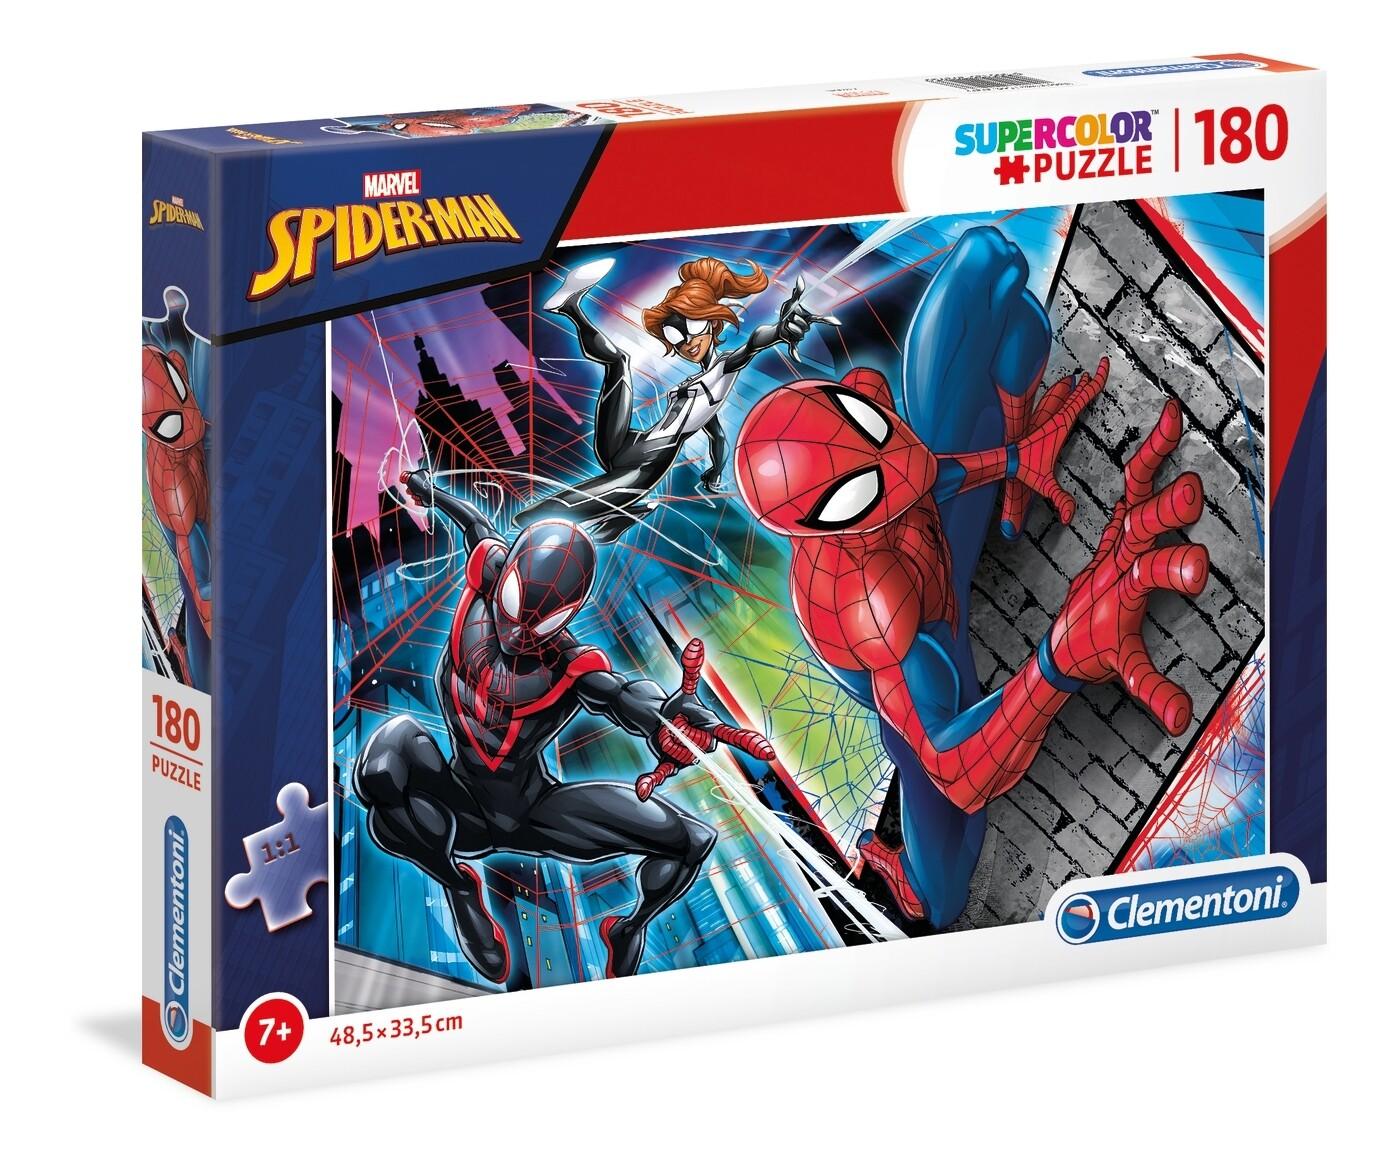 PUZZLE Super 180 pcs Spiderman - CLEMENTONI